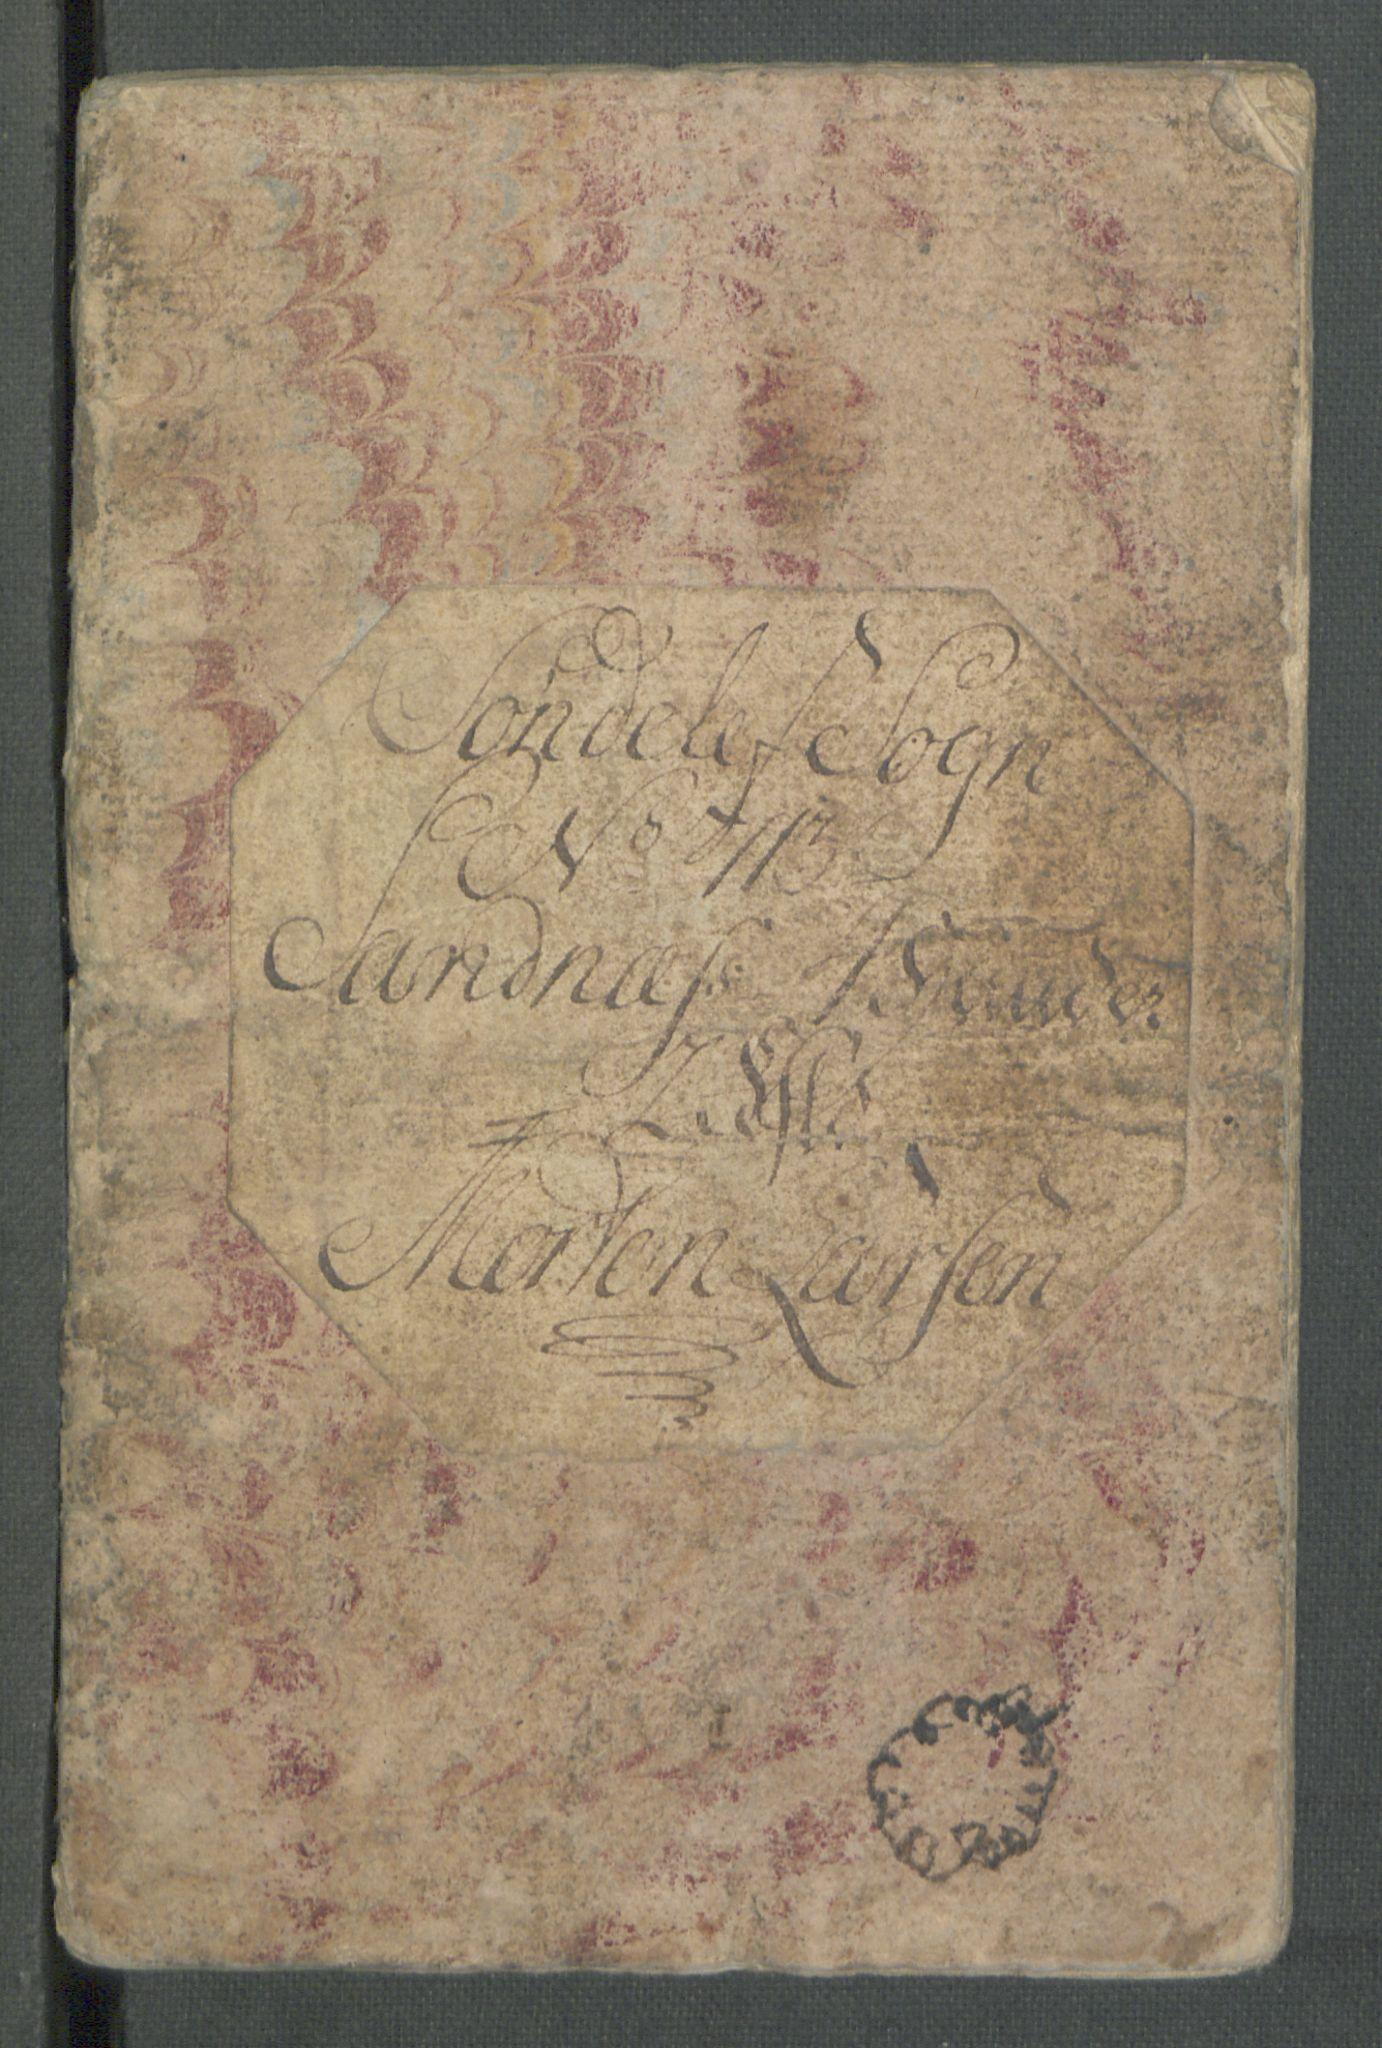 RA, Rentekammeret inntil 1814, Realistisk ordnet avdeling, Od/L0001: Oppløp, 1786-1769, s. 717